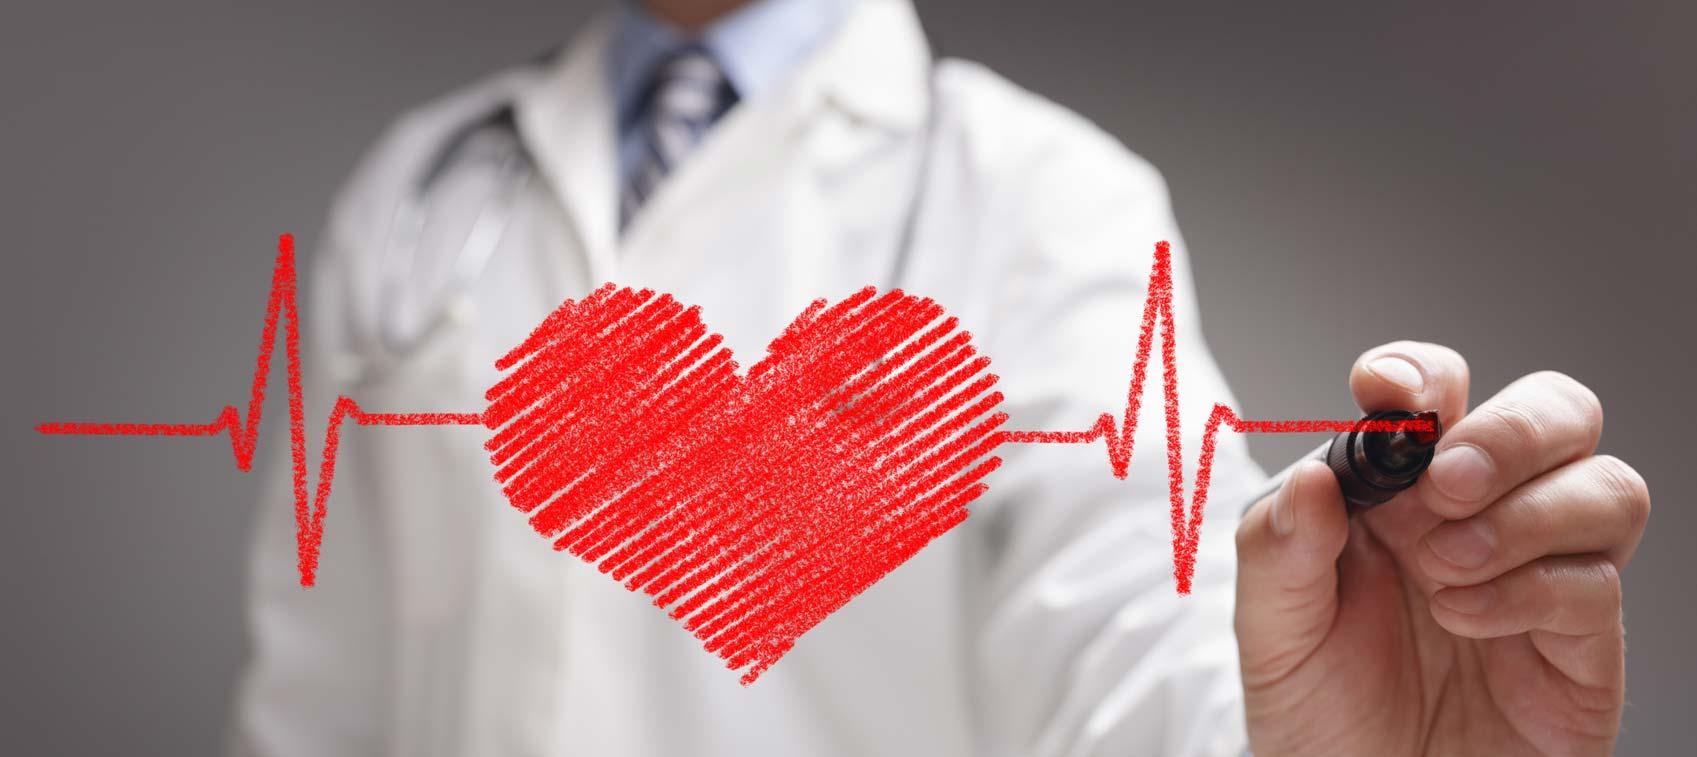 تضمین سلامت قلب با این روش طلایی